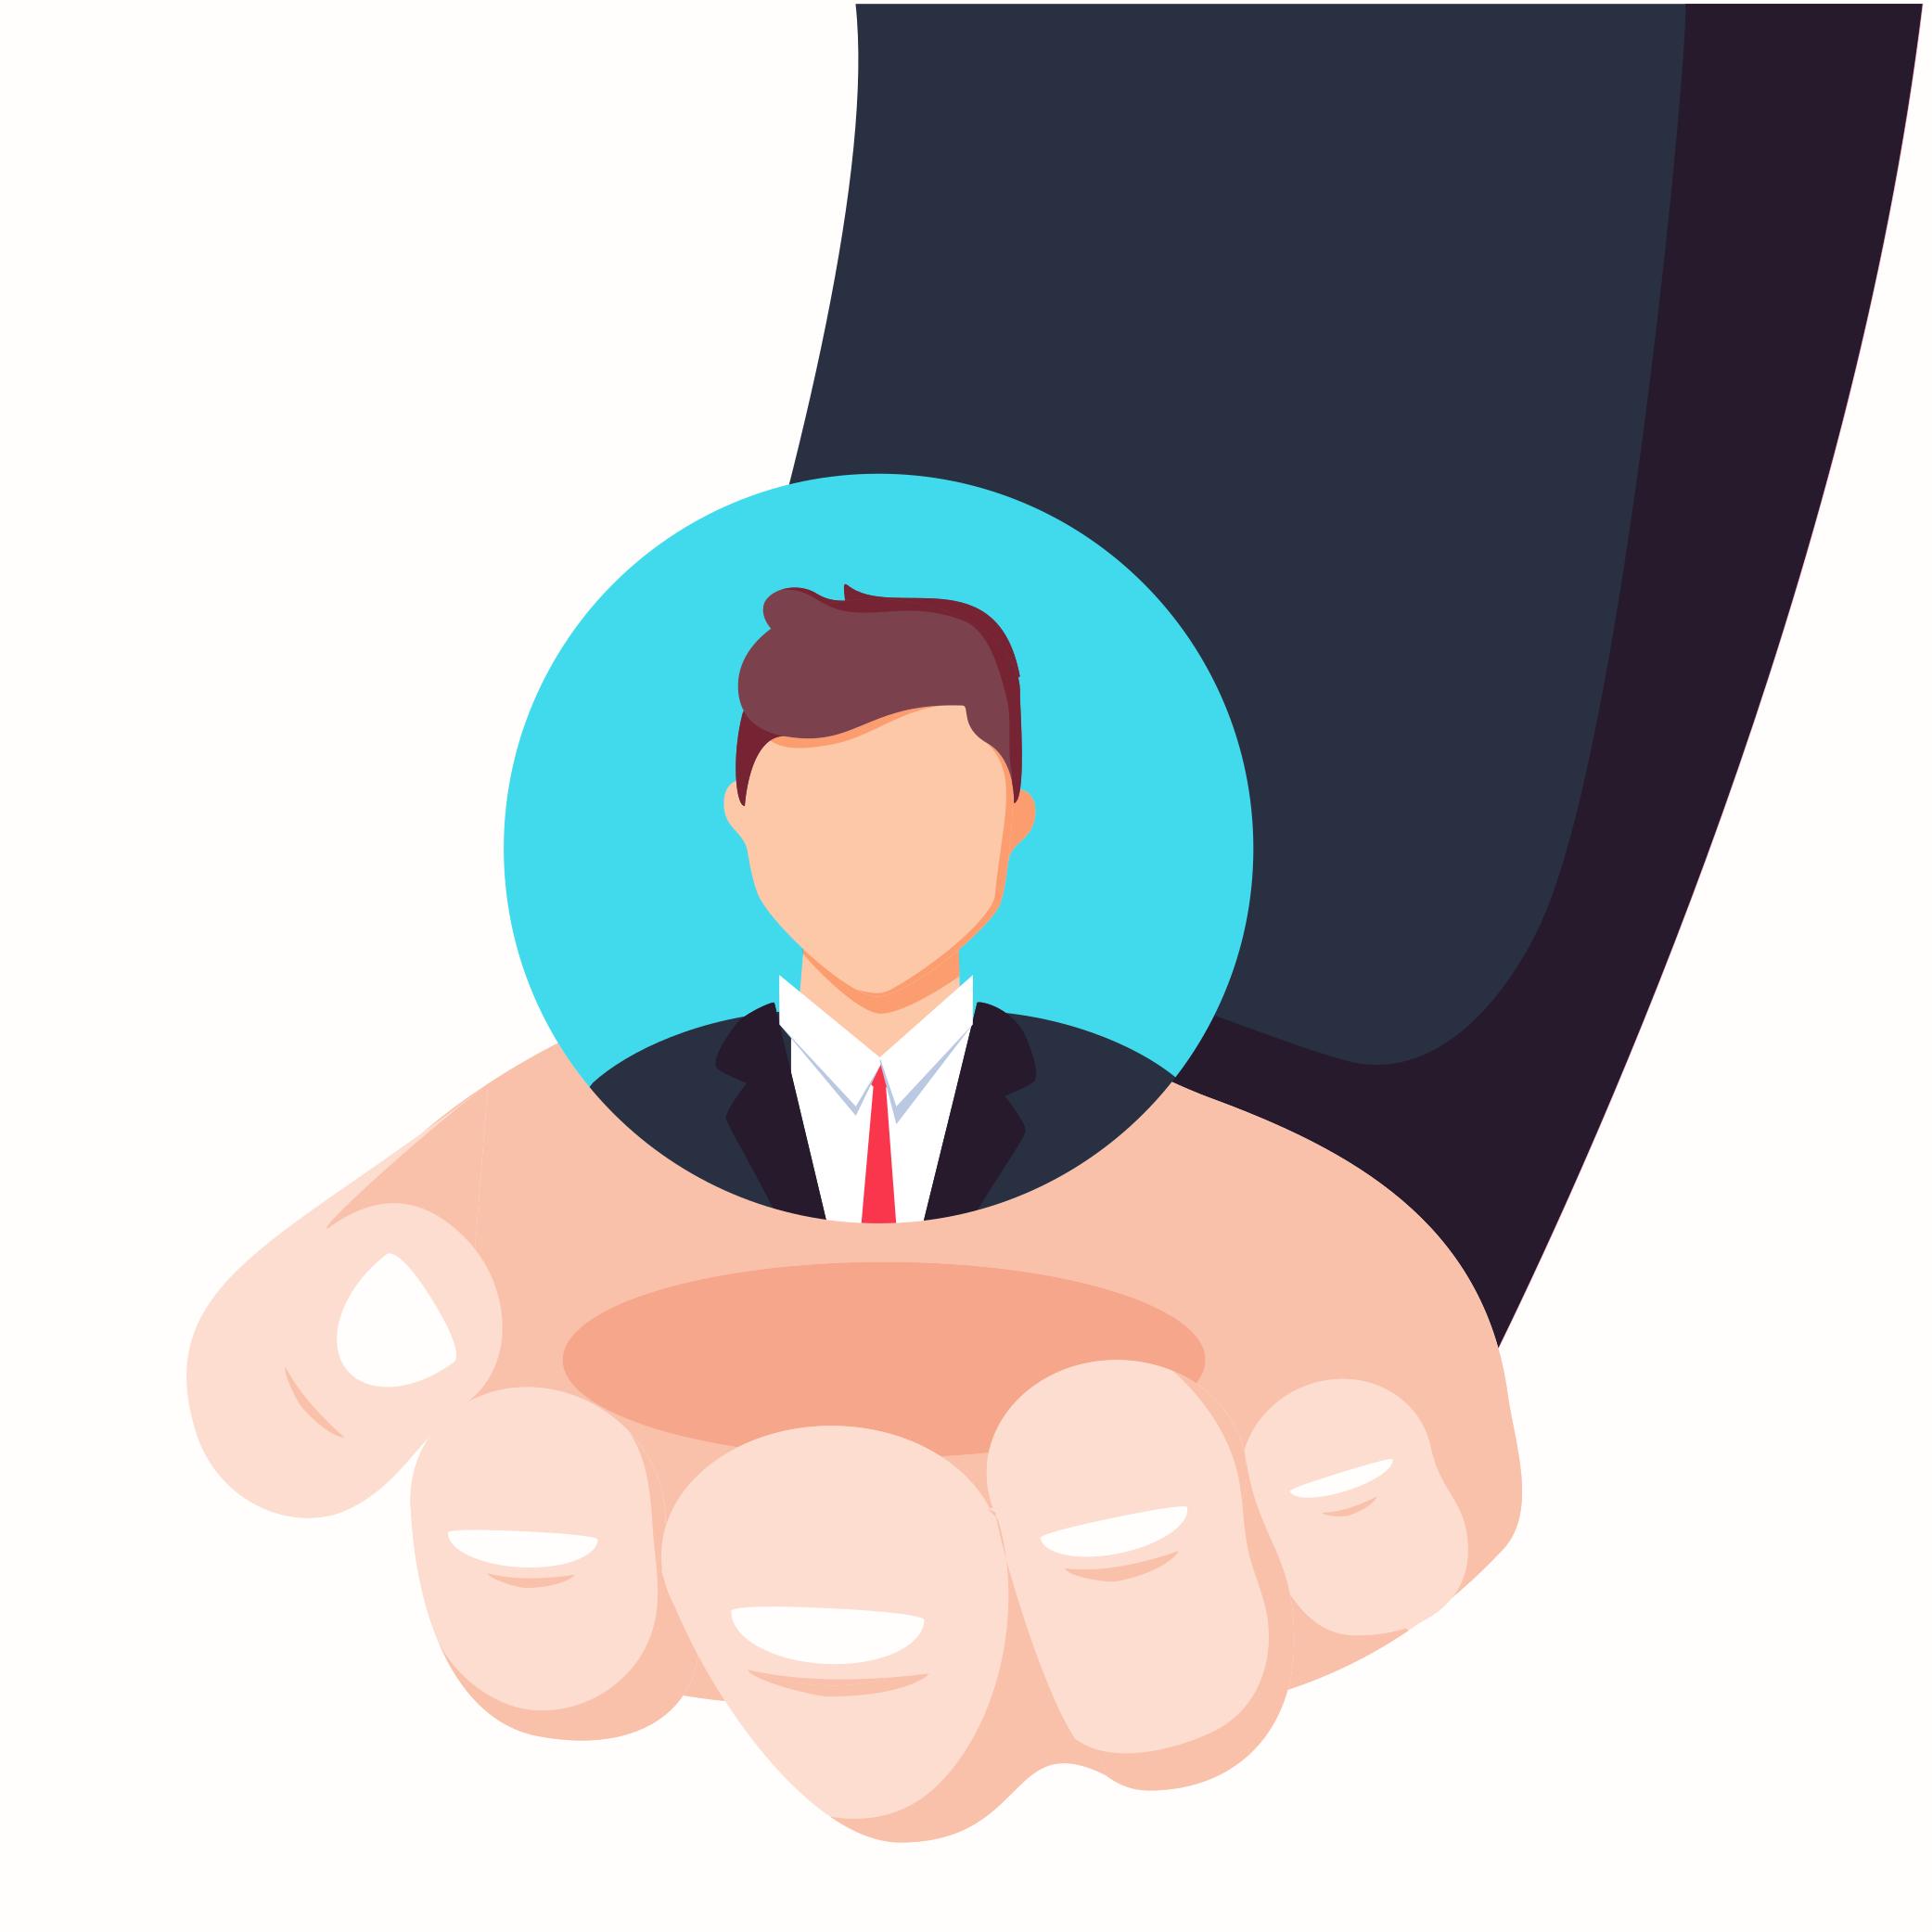 retain clients